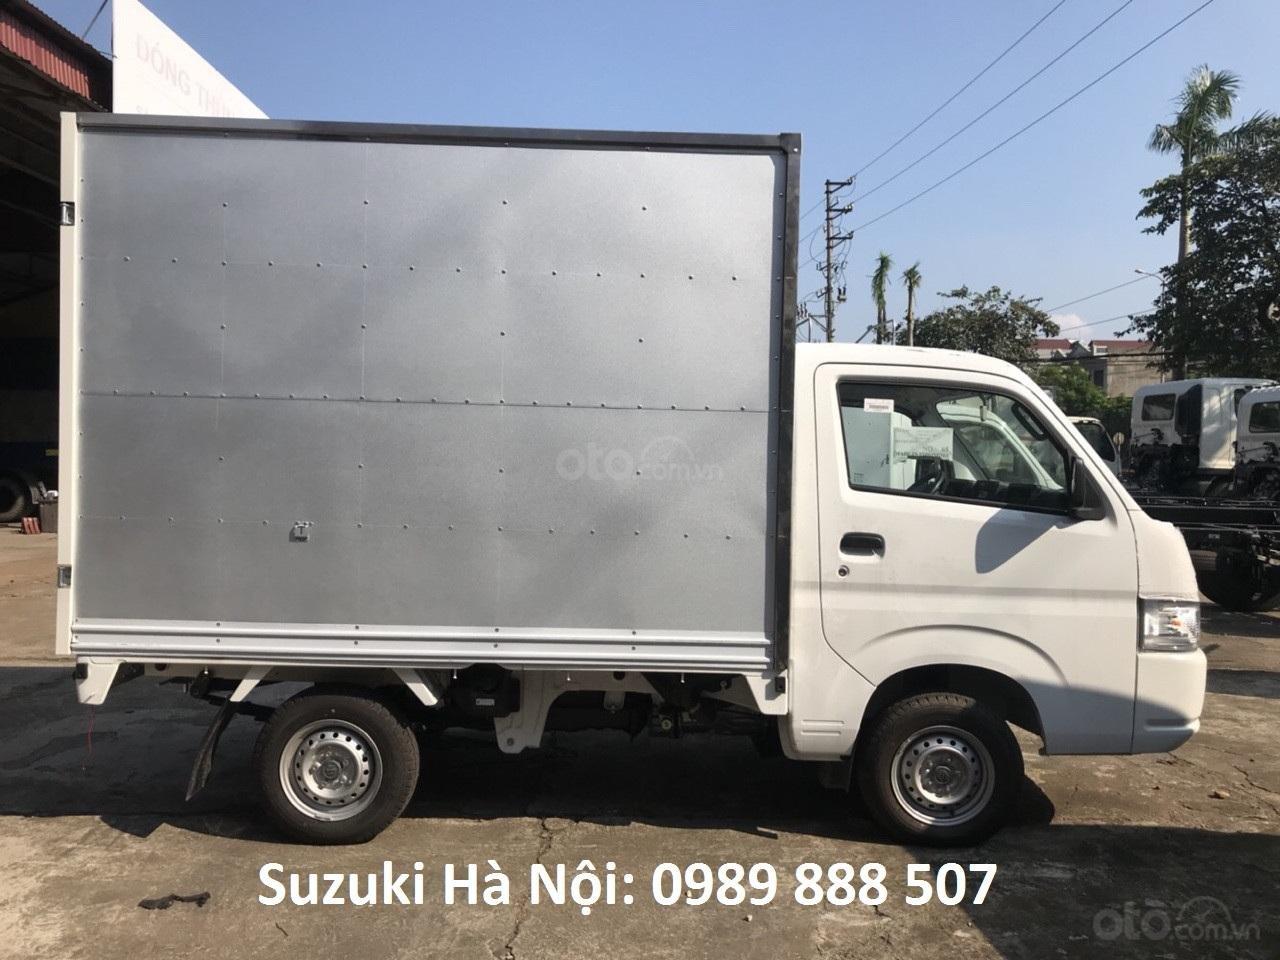 Xe tải Suzuki 750kg 2019 giá rẻ chỉ 299tr. Gọi ngay: 0989 888 507 (3)